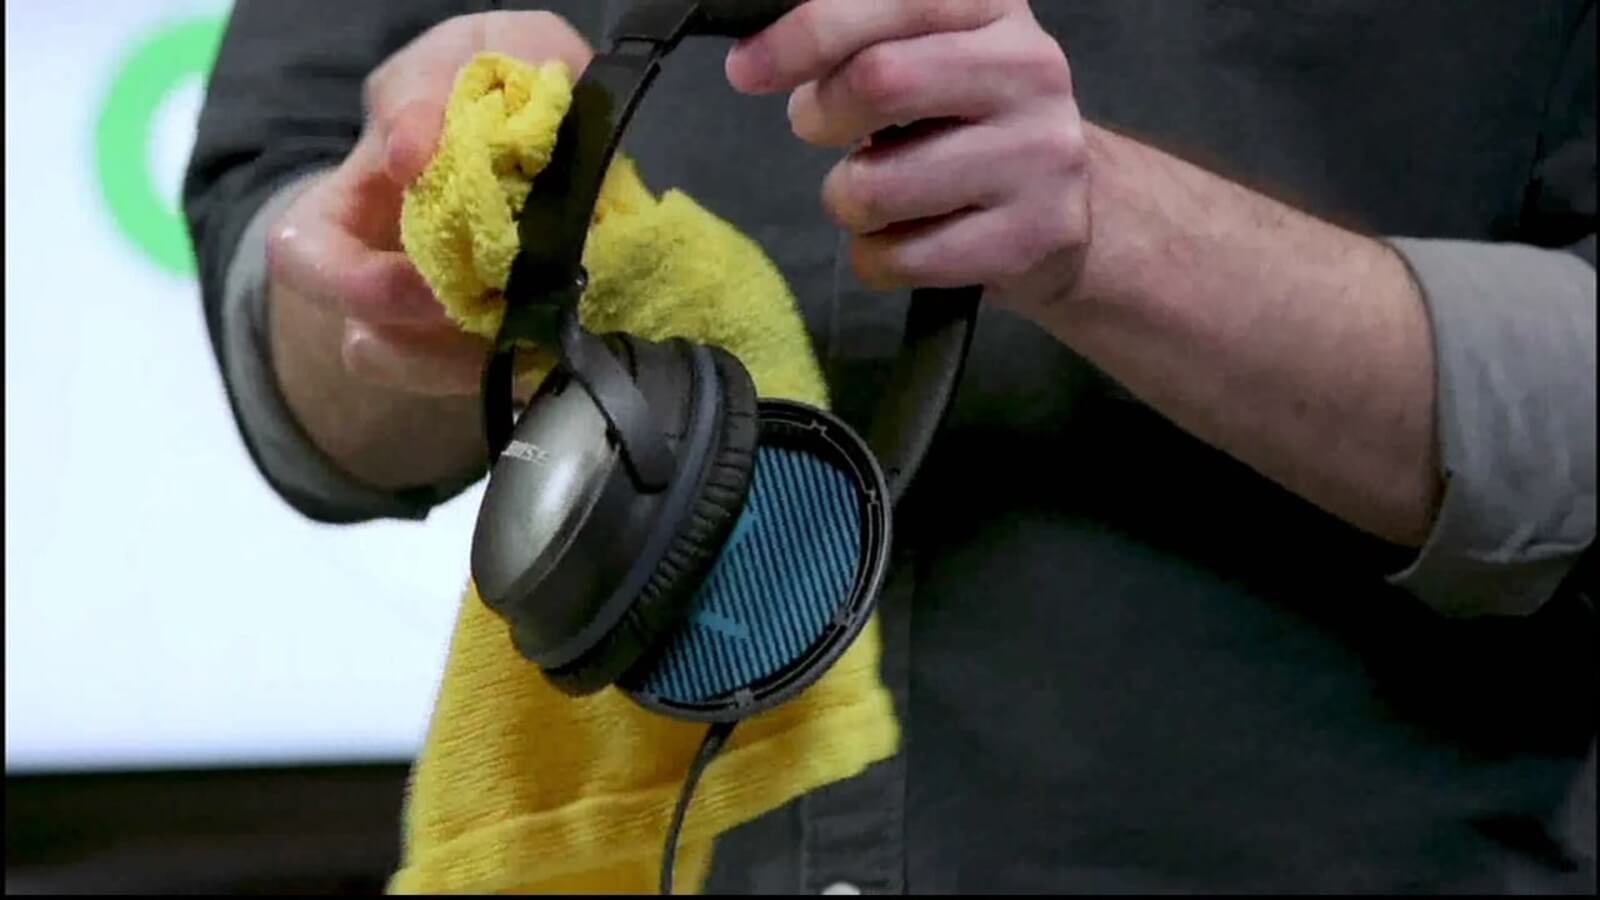 Weekly Cleanings headphones